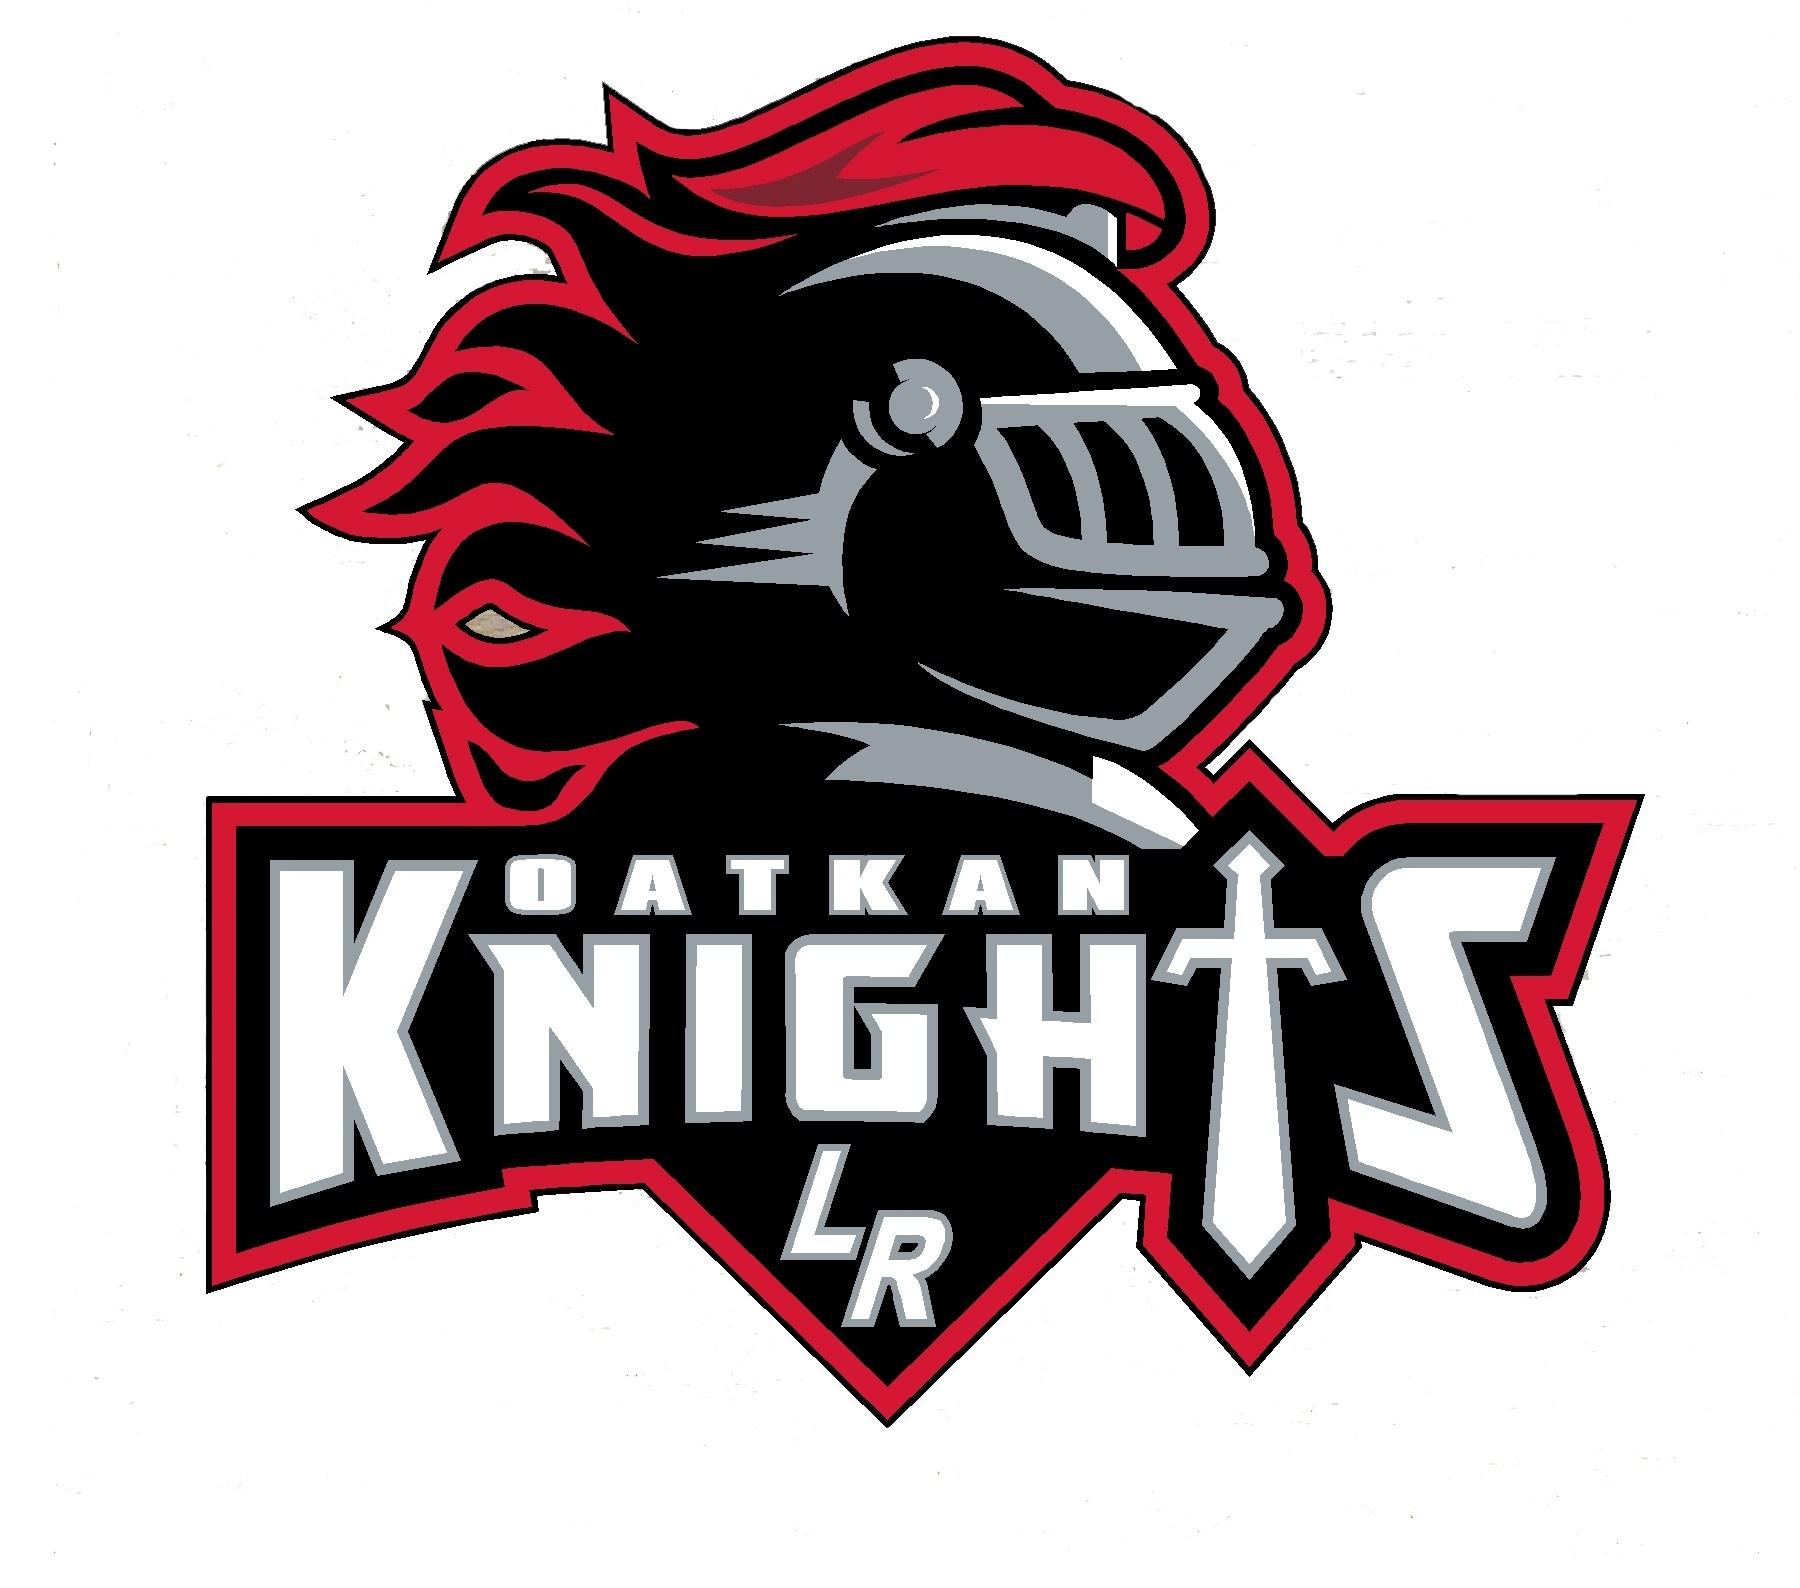 Oatkan Knights LR logo